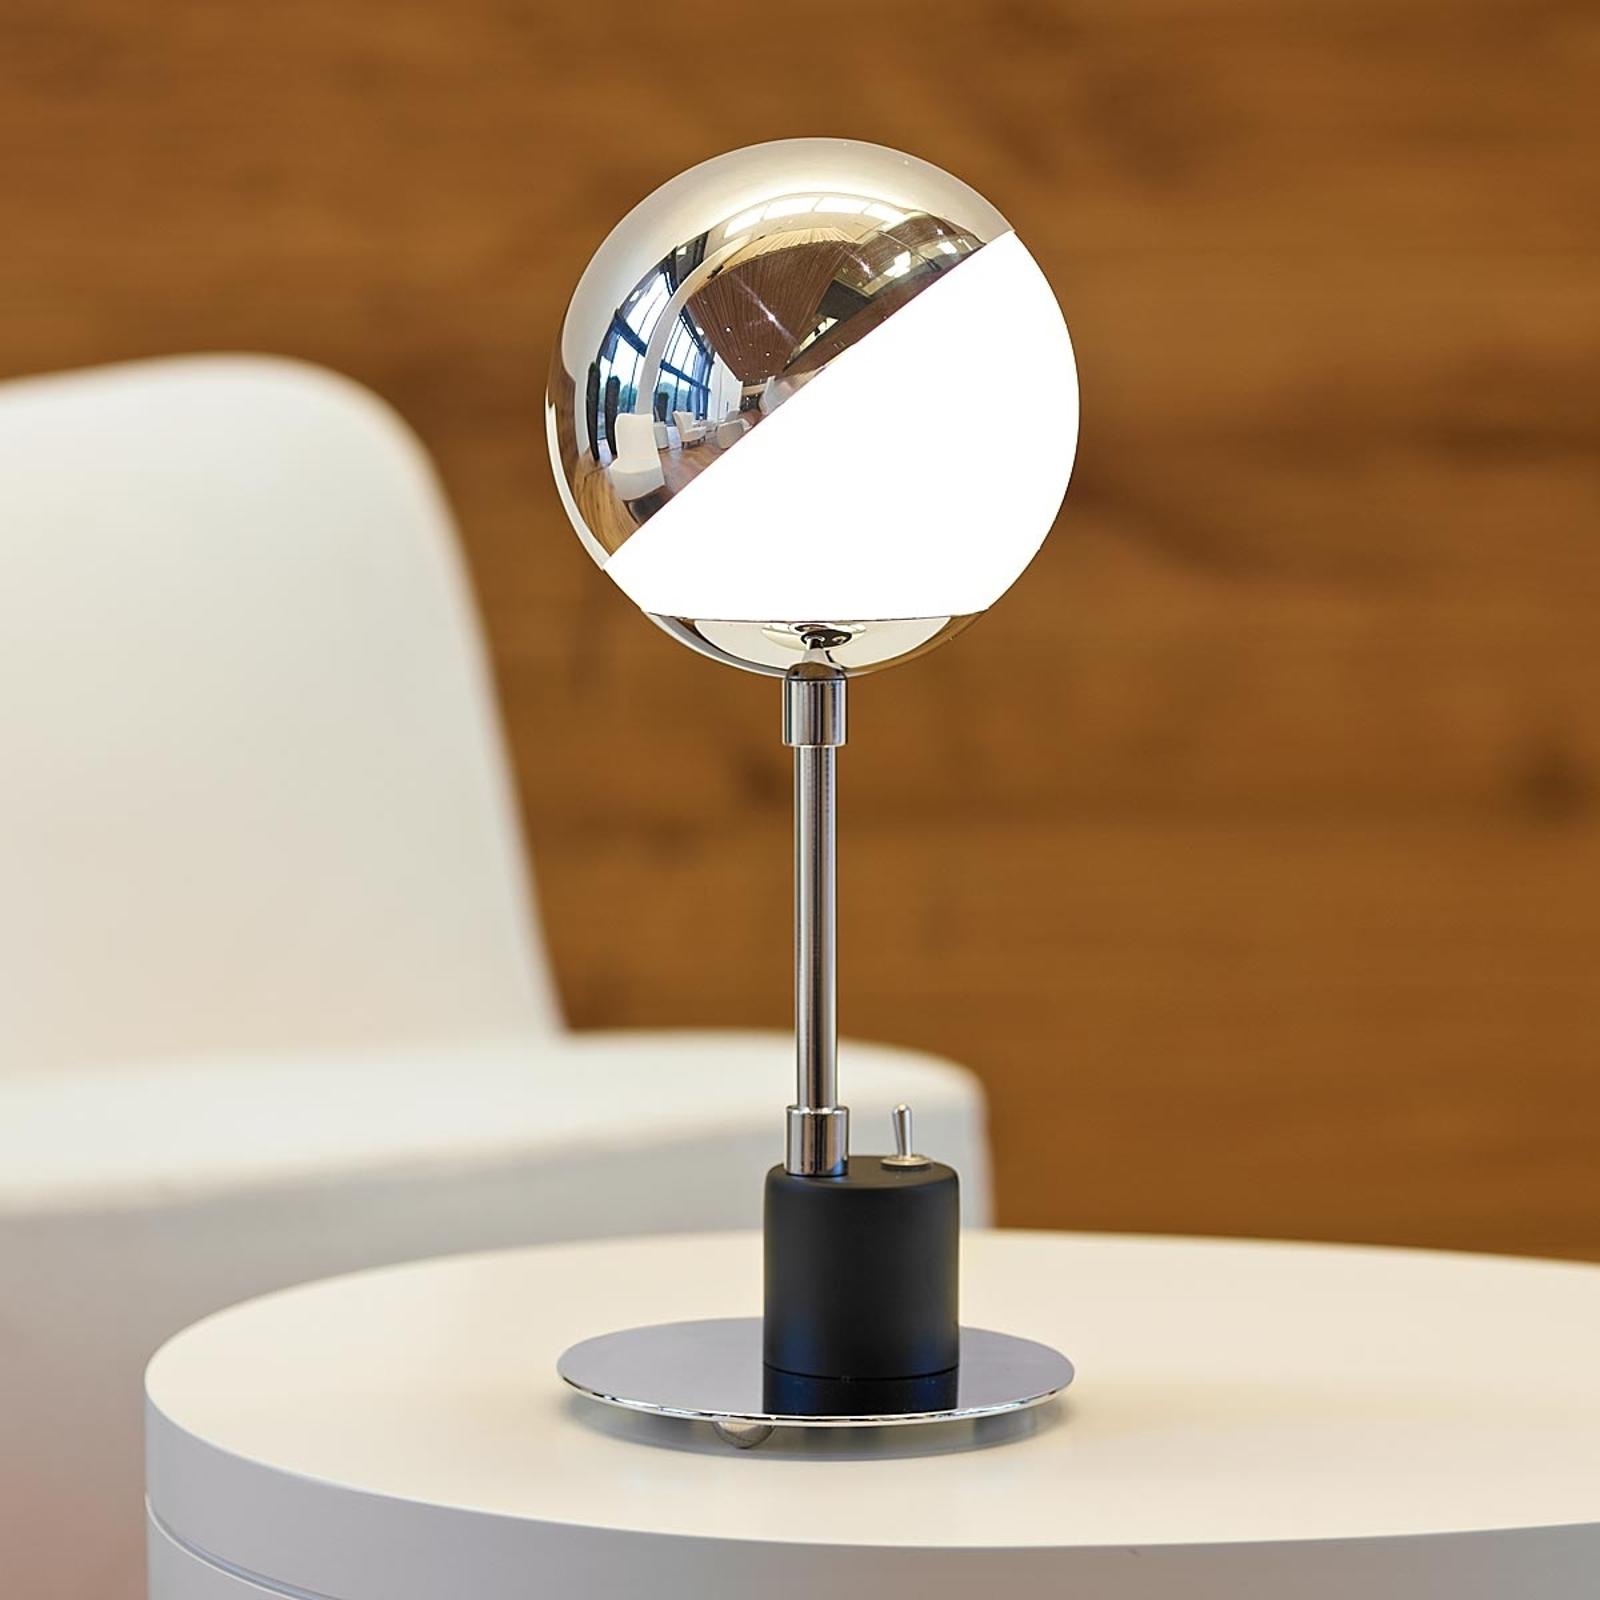 Design-tafellamp met halve bol